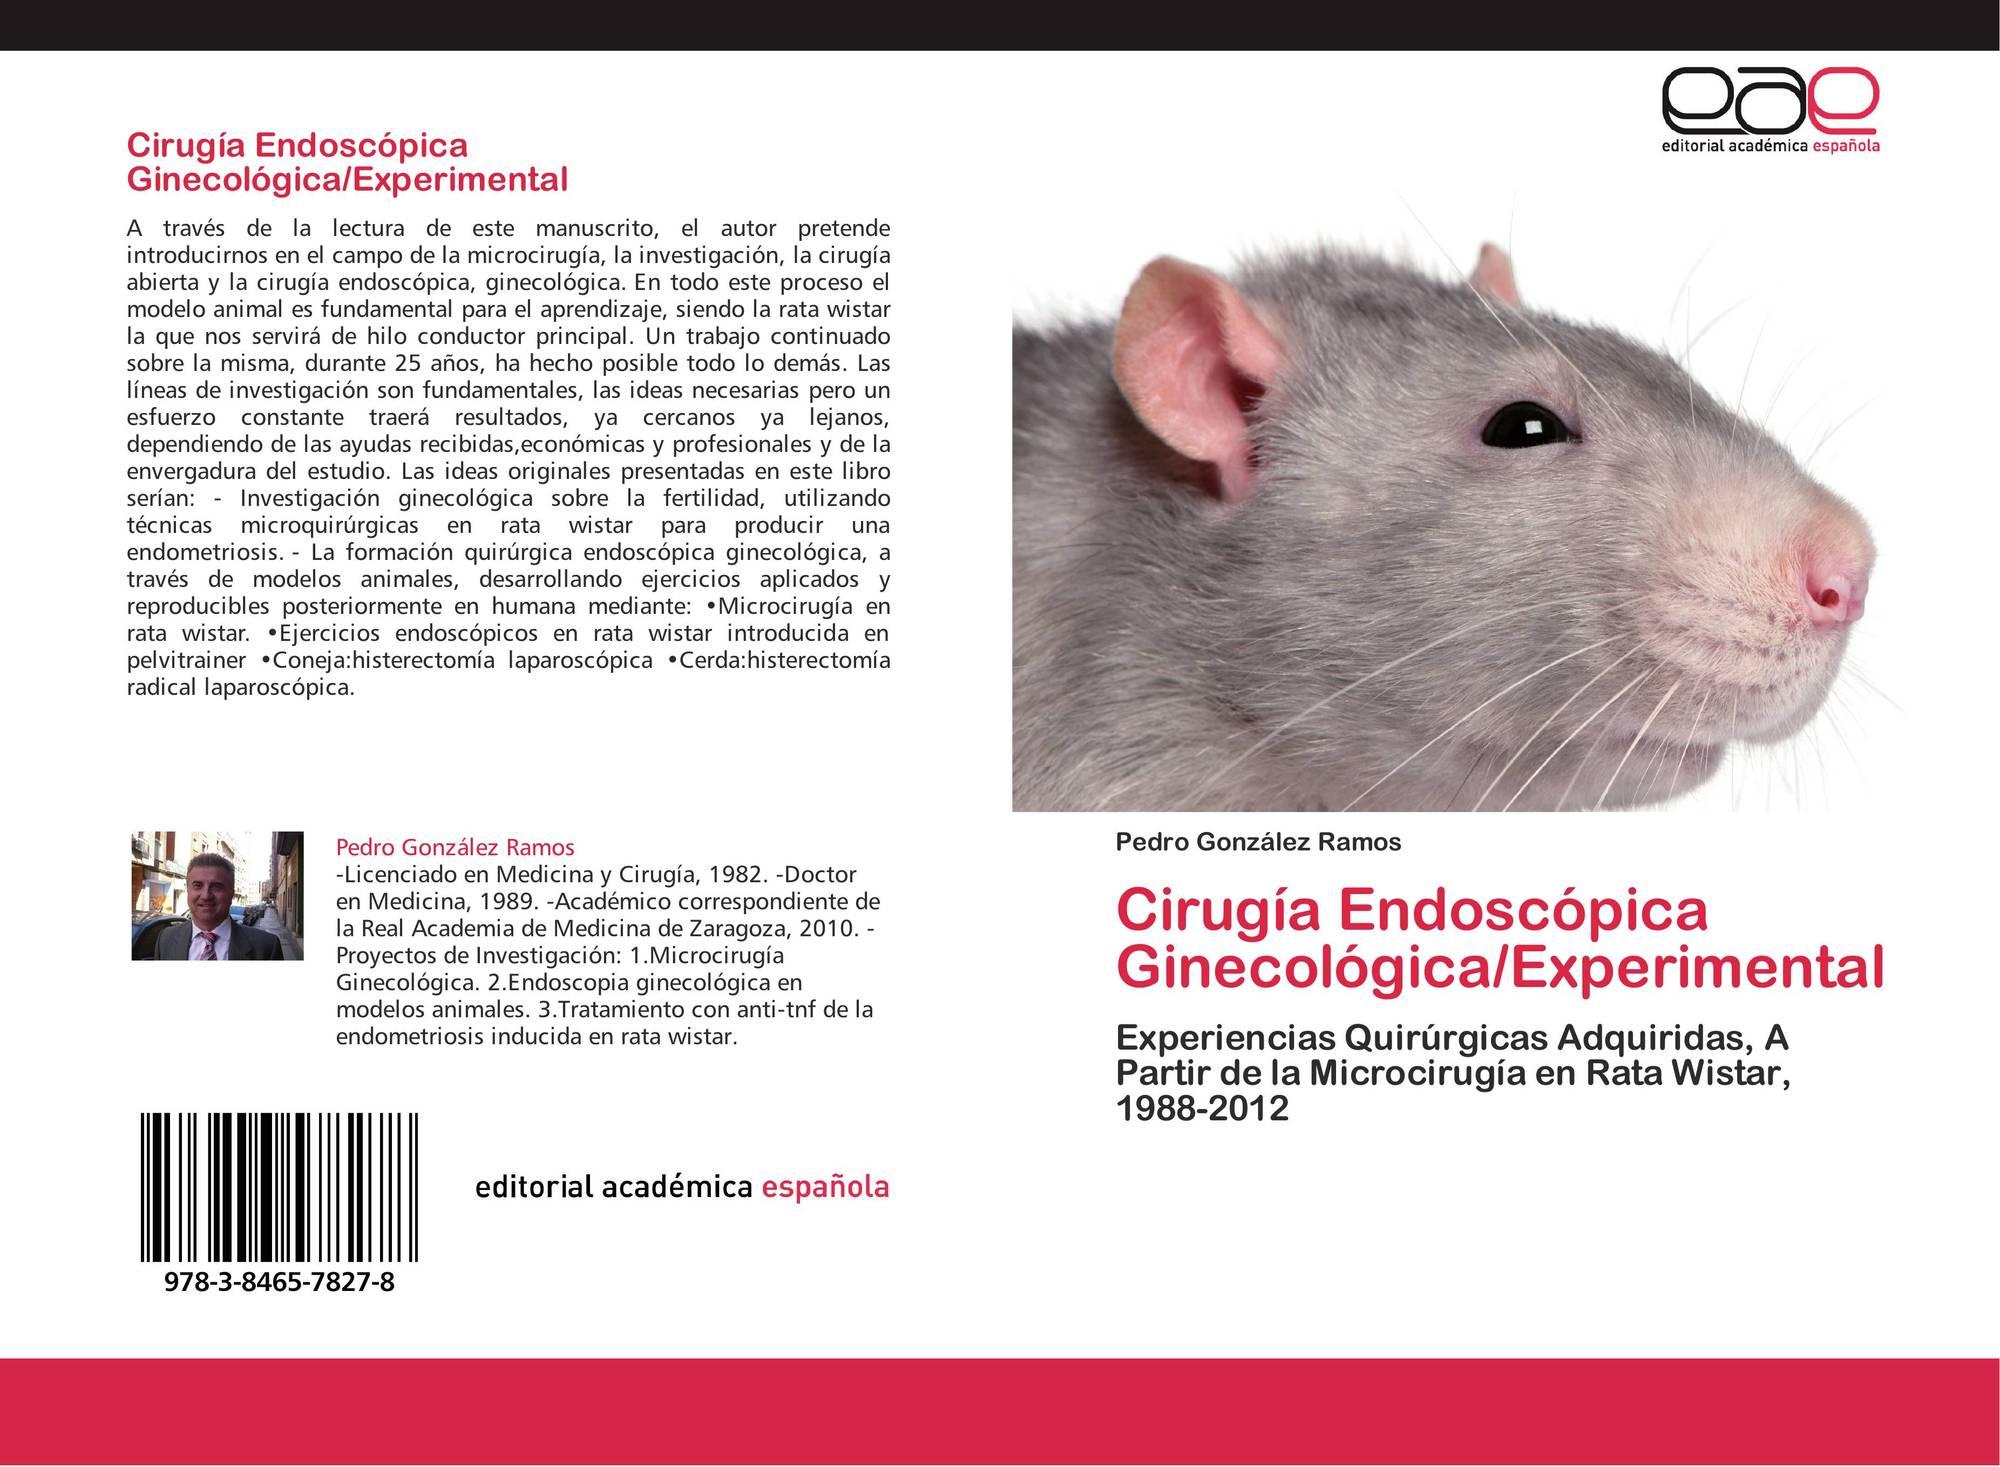 ratones con diabetes inducida por estreptozotocina de rata